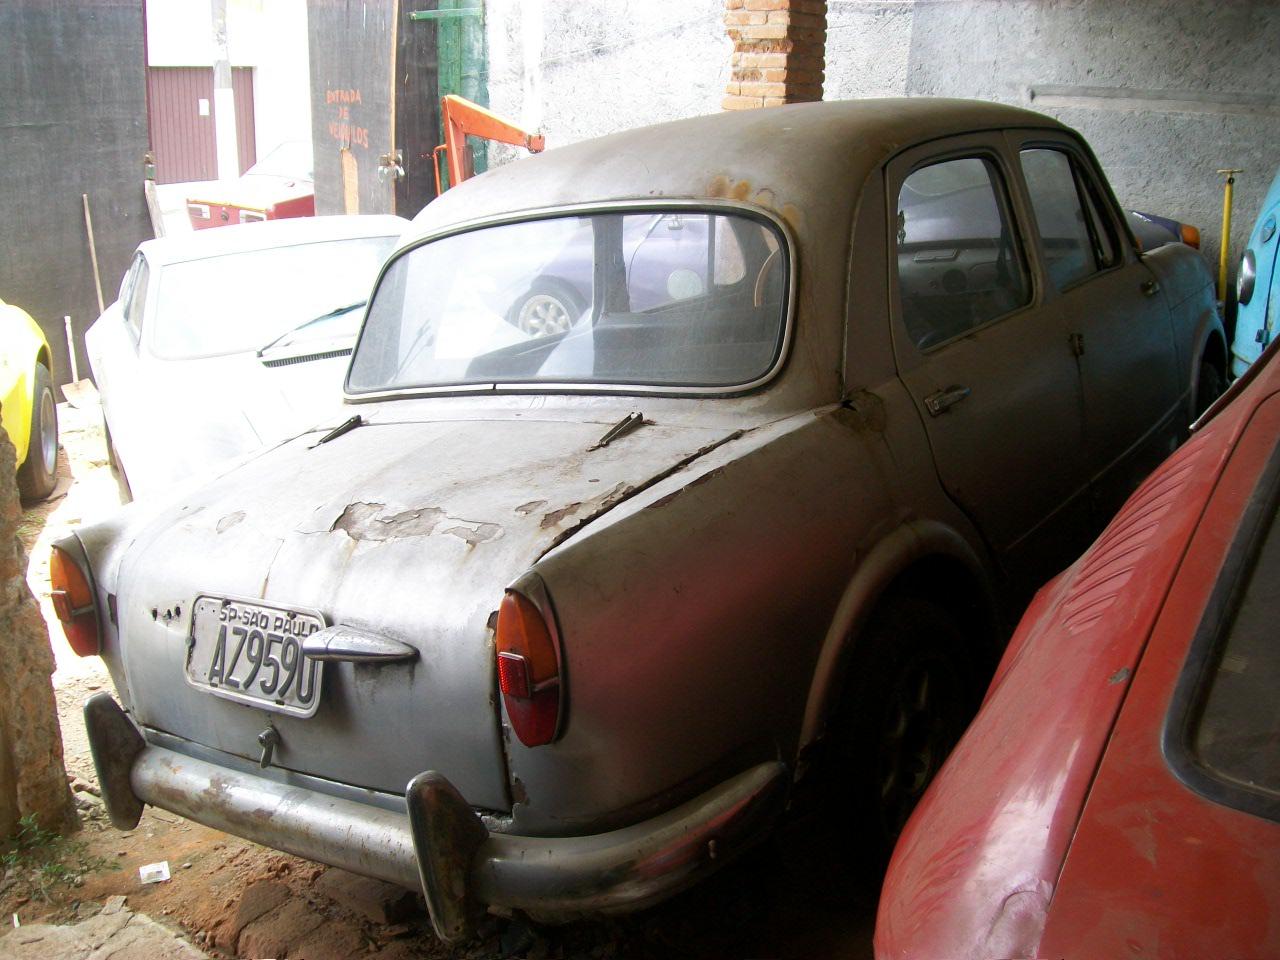 lucas_fiat_1100_millecento1962_sao_paulo_capital_04 Fiat 1100 (Millecento) 1962